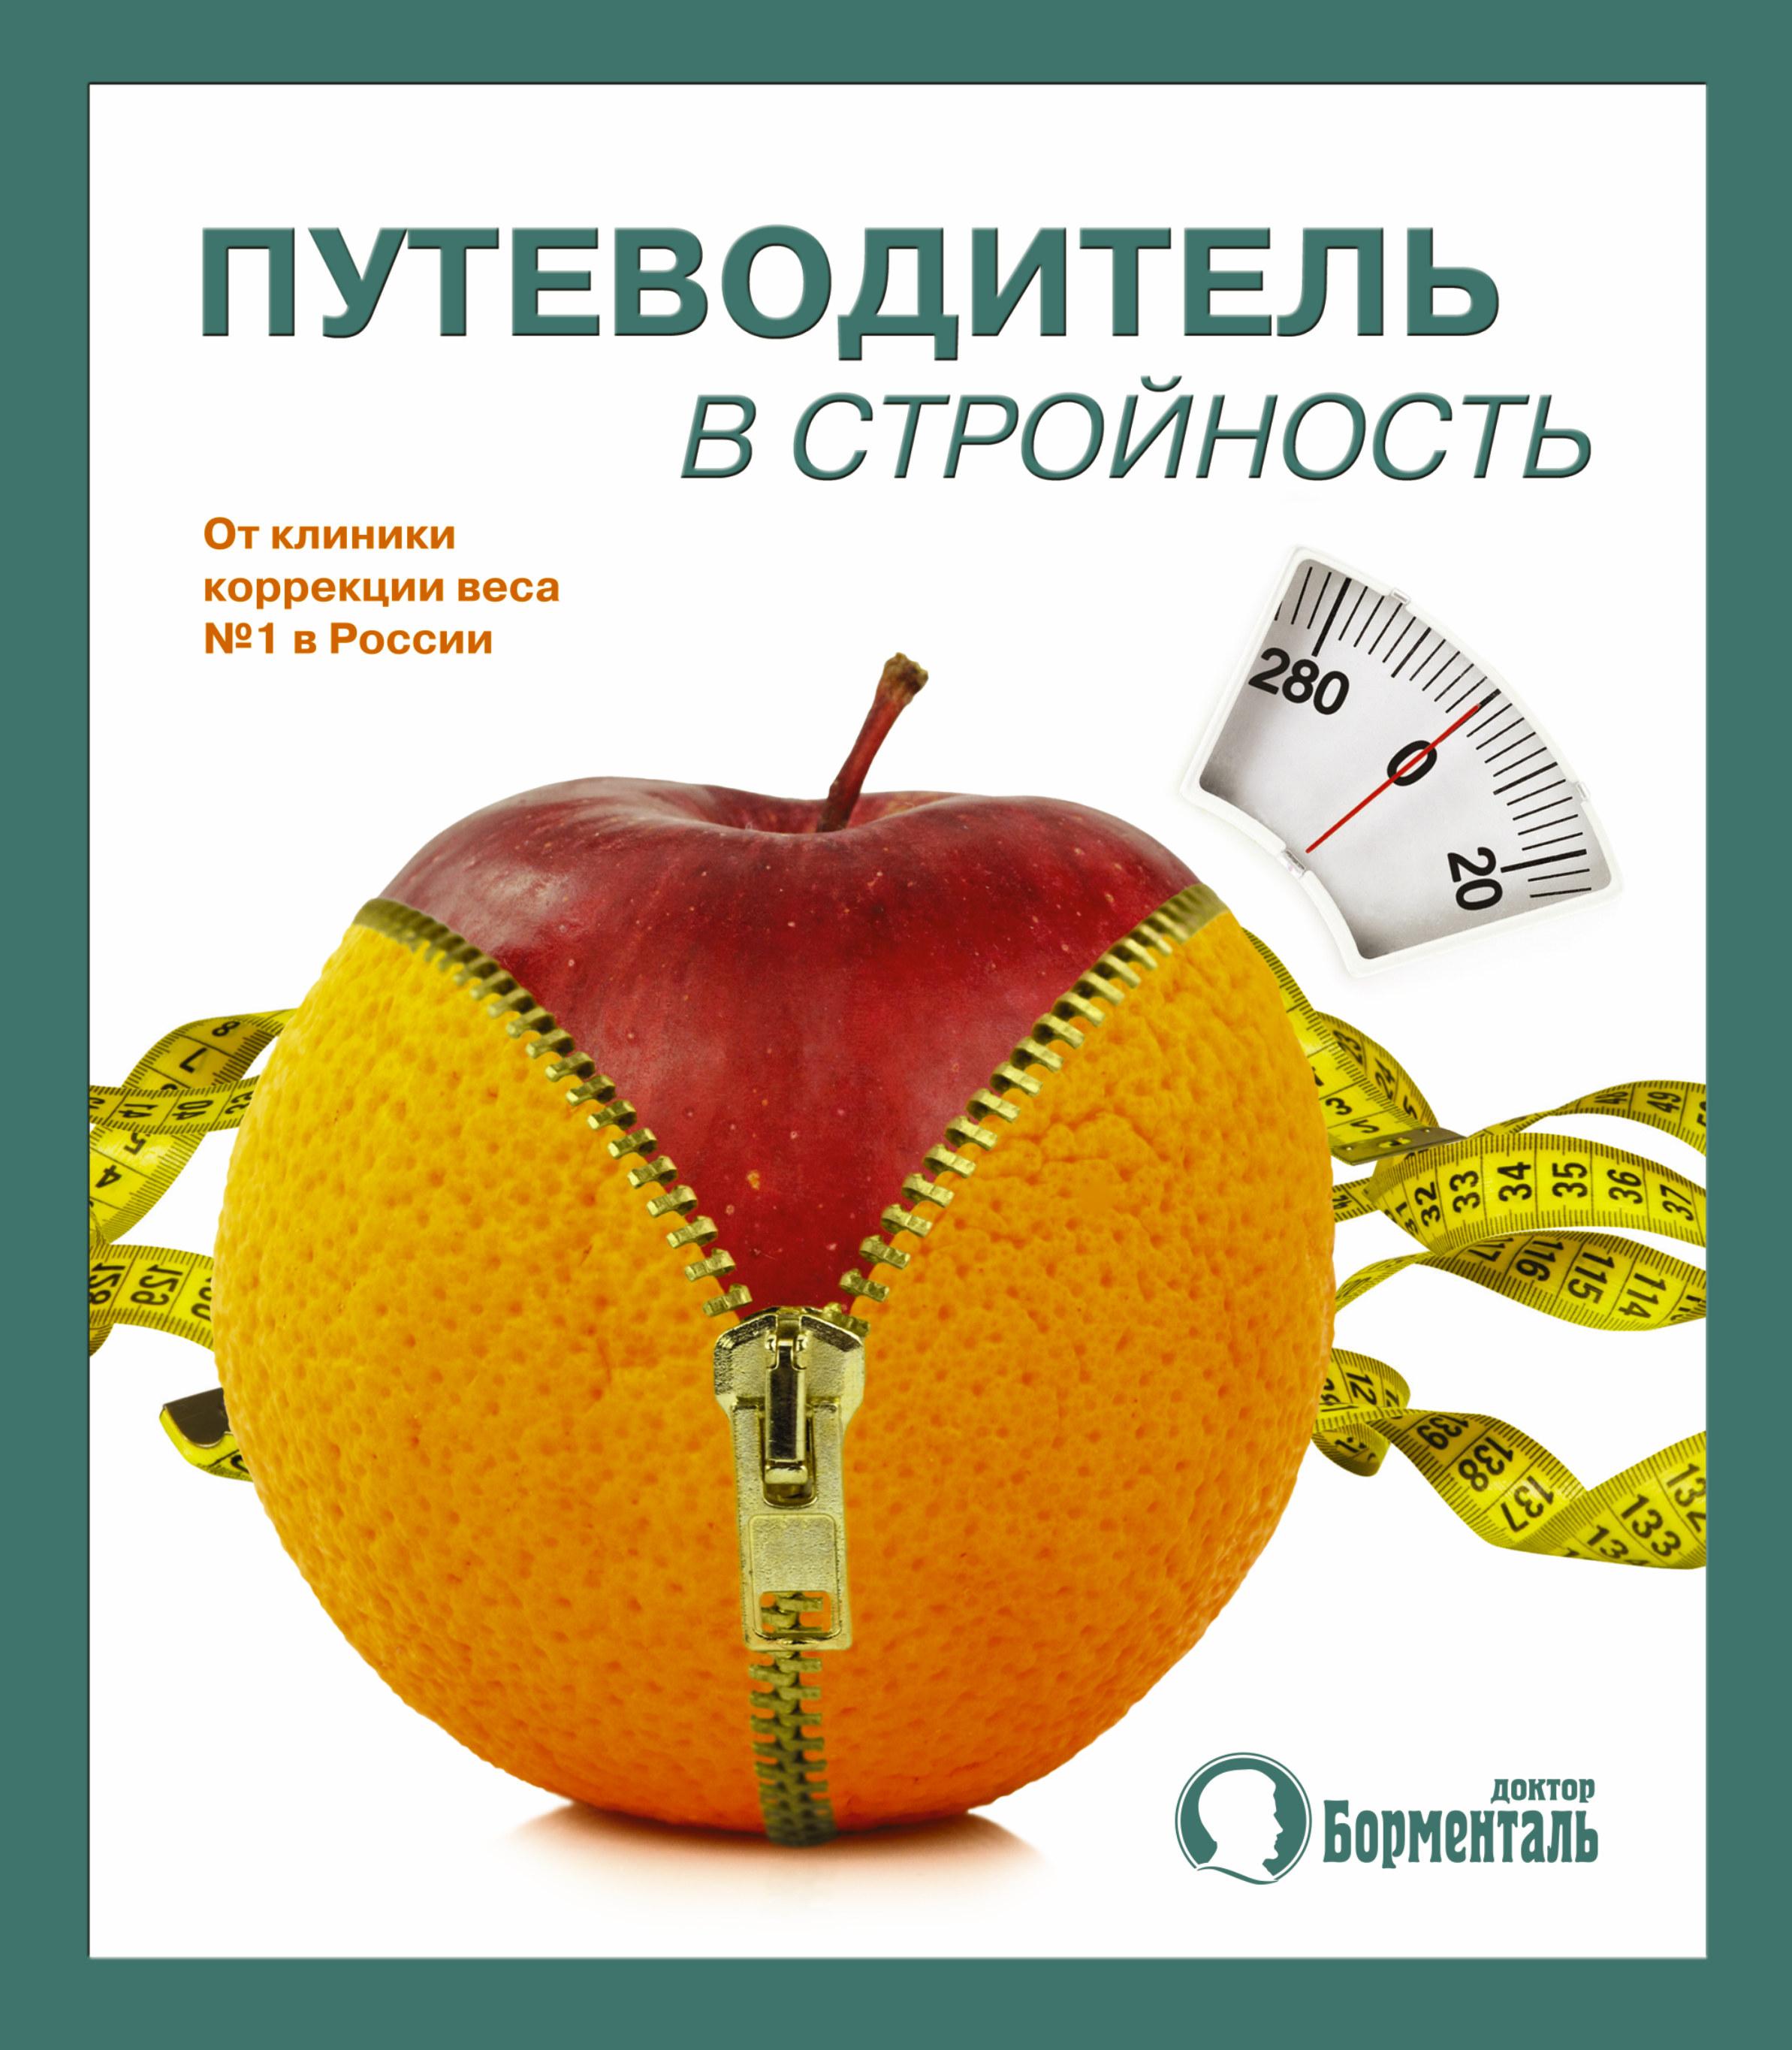 Книги по похудению мотивации